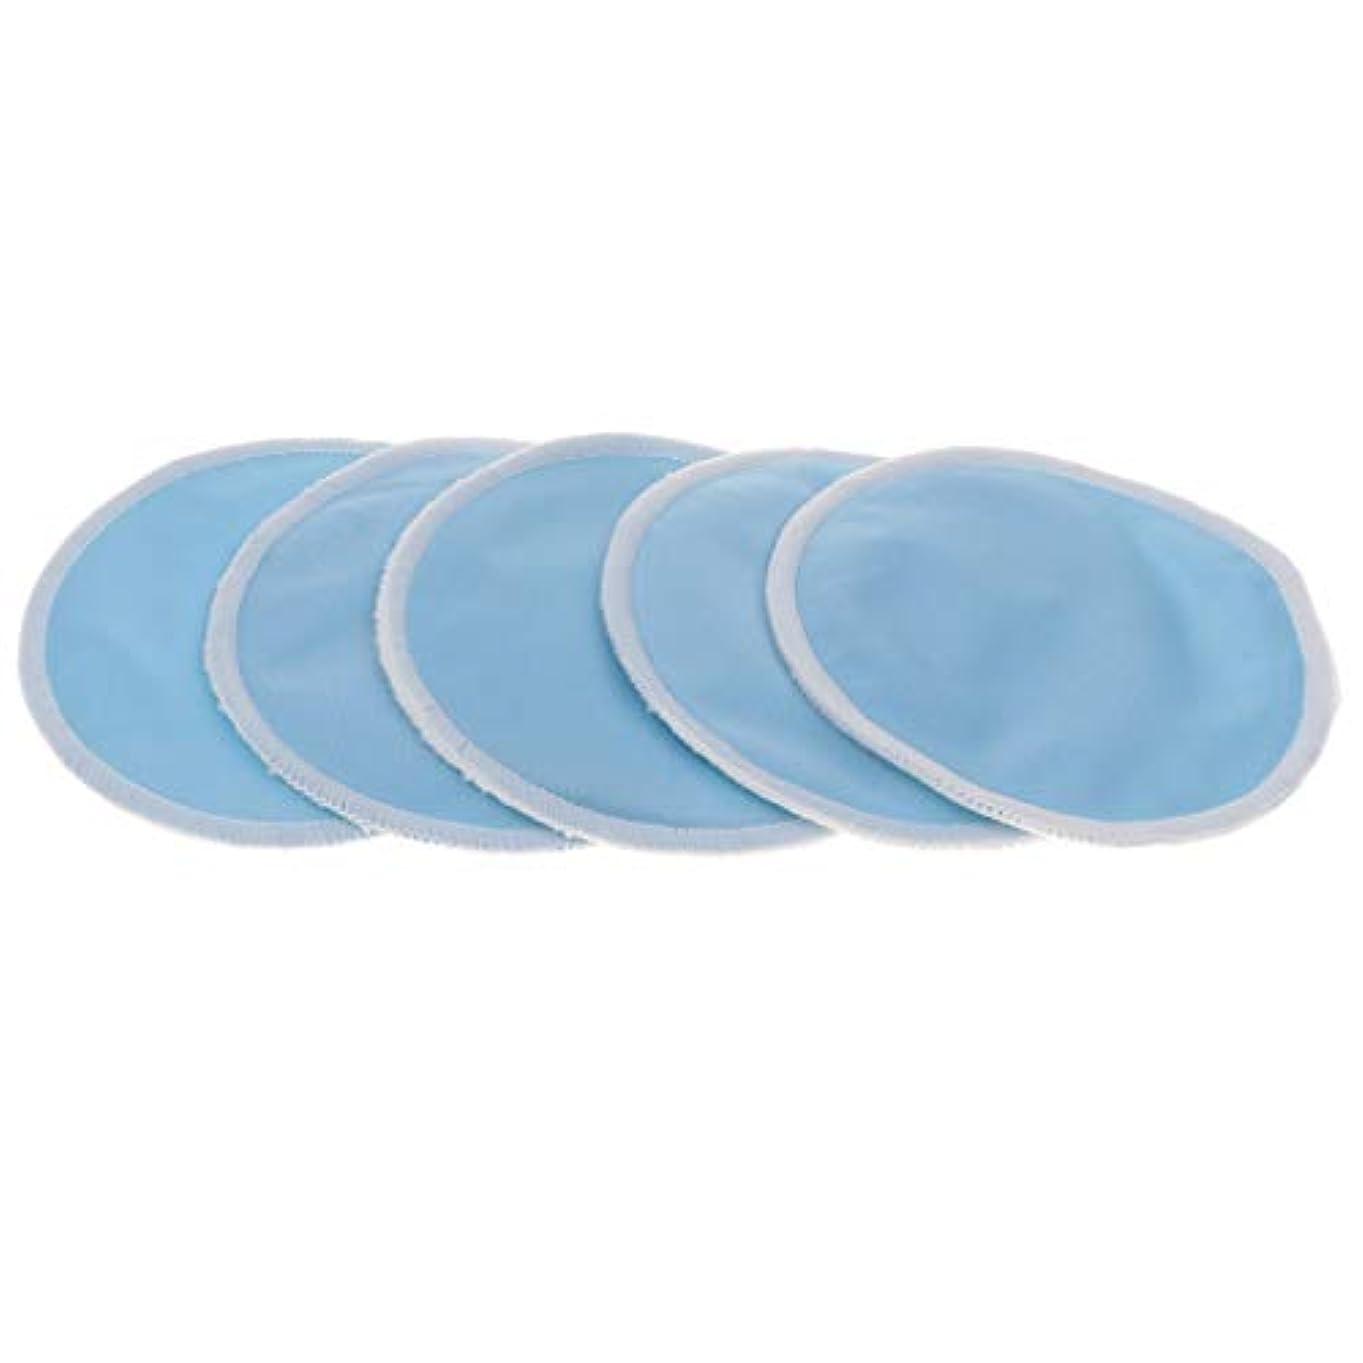 遊具退屈な費用dailymall 5パック洗える再利用可能な化粧品クレンジングパッドフェイスケア洗浄胸パッド - 青